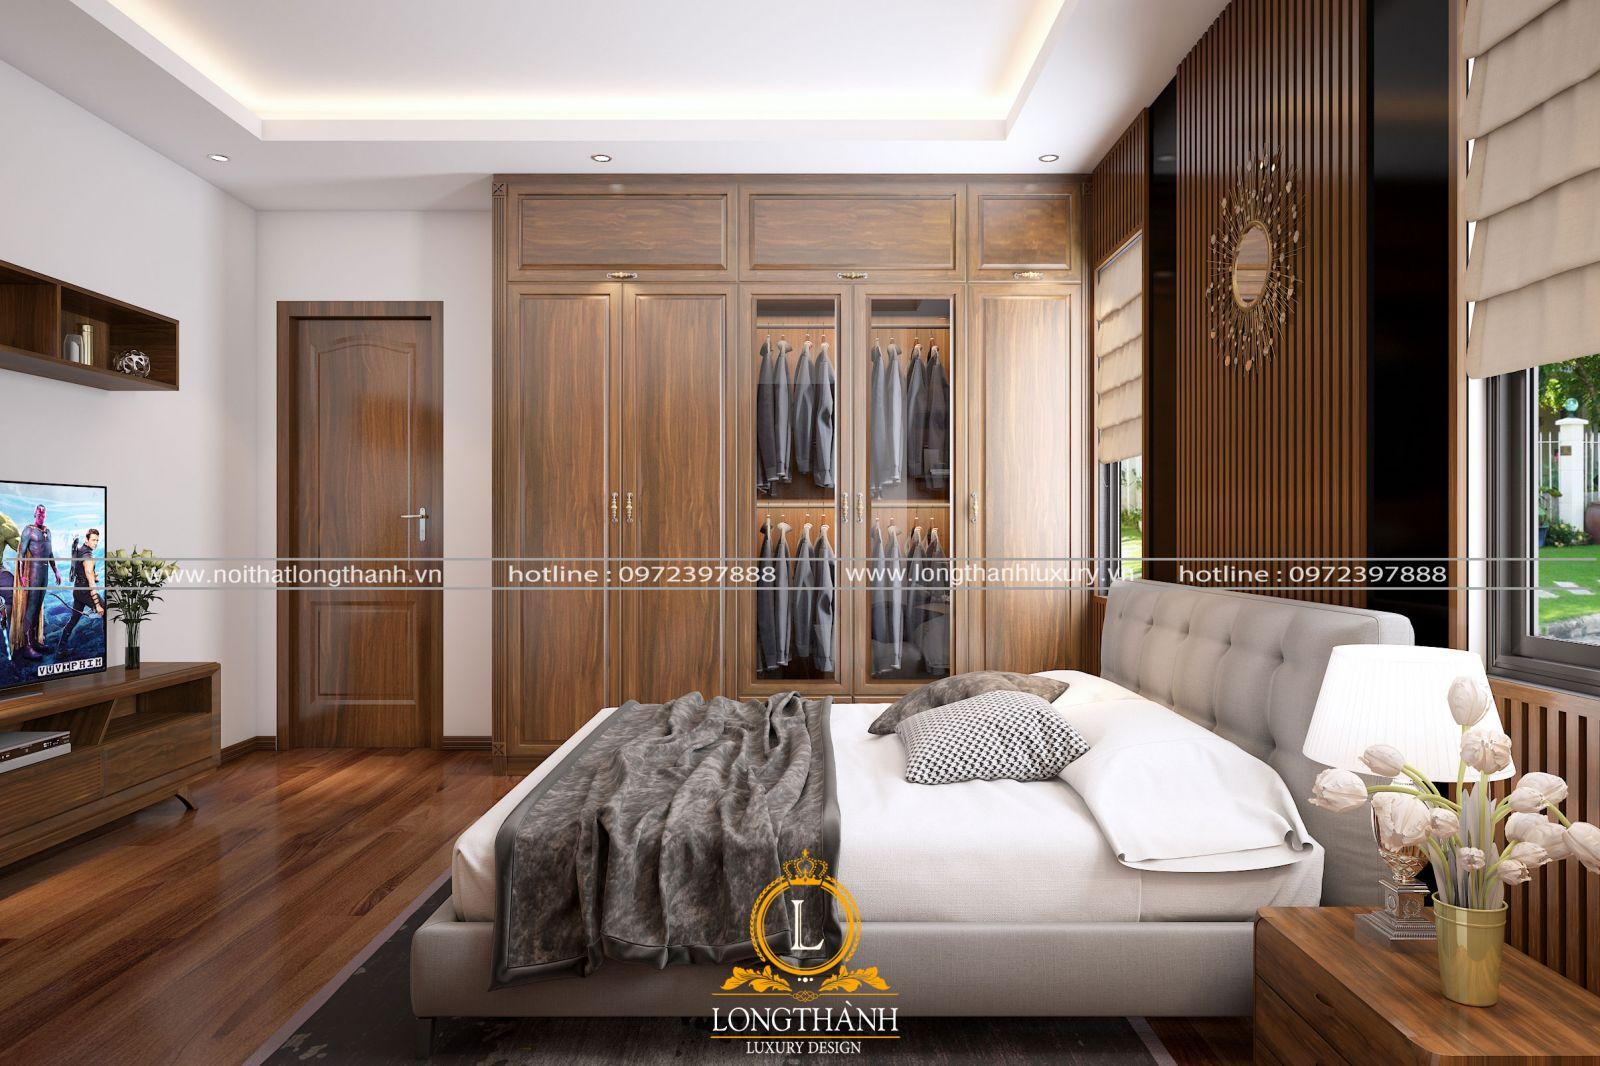 Nội thất phòng ngủ sử dụng hoàn toàn gỗ tự nhiên